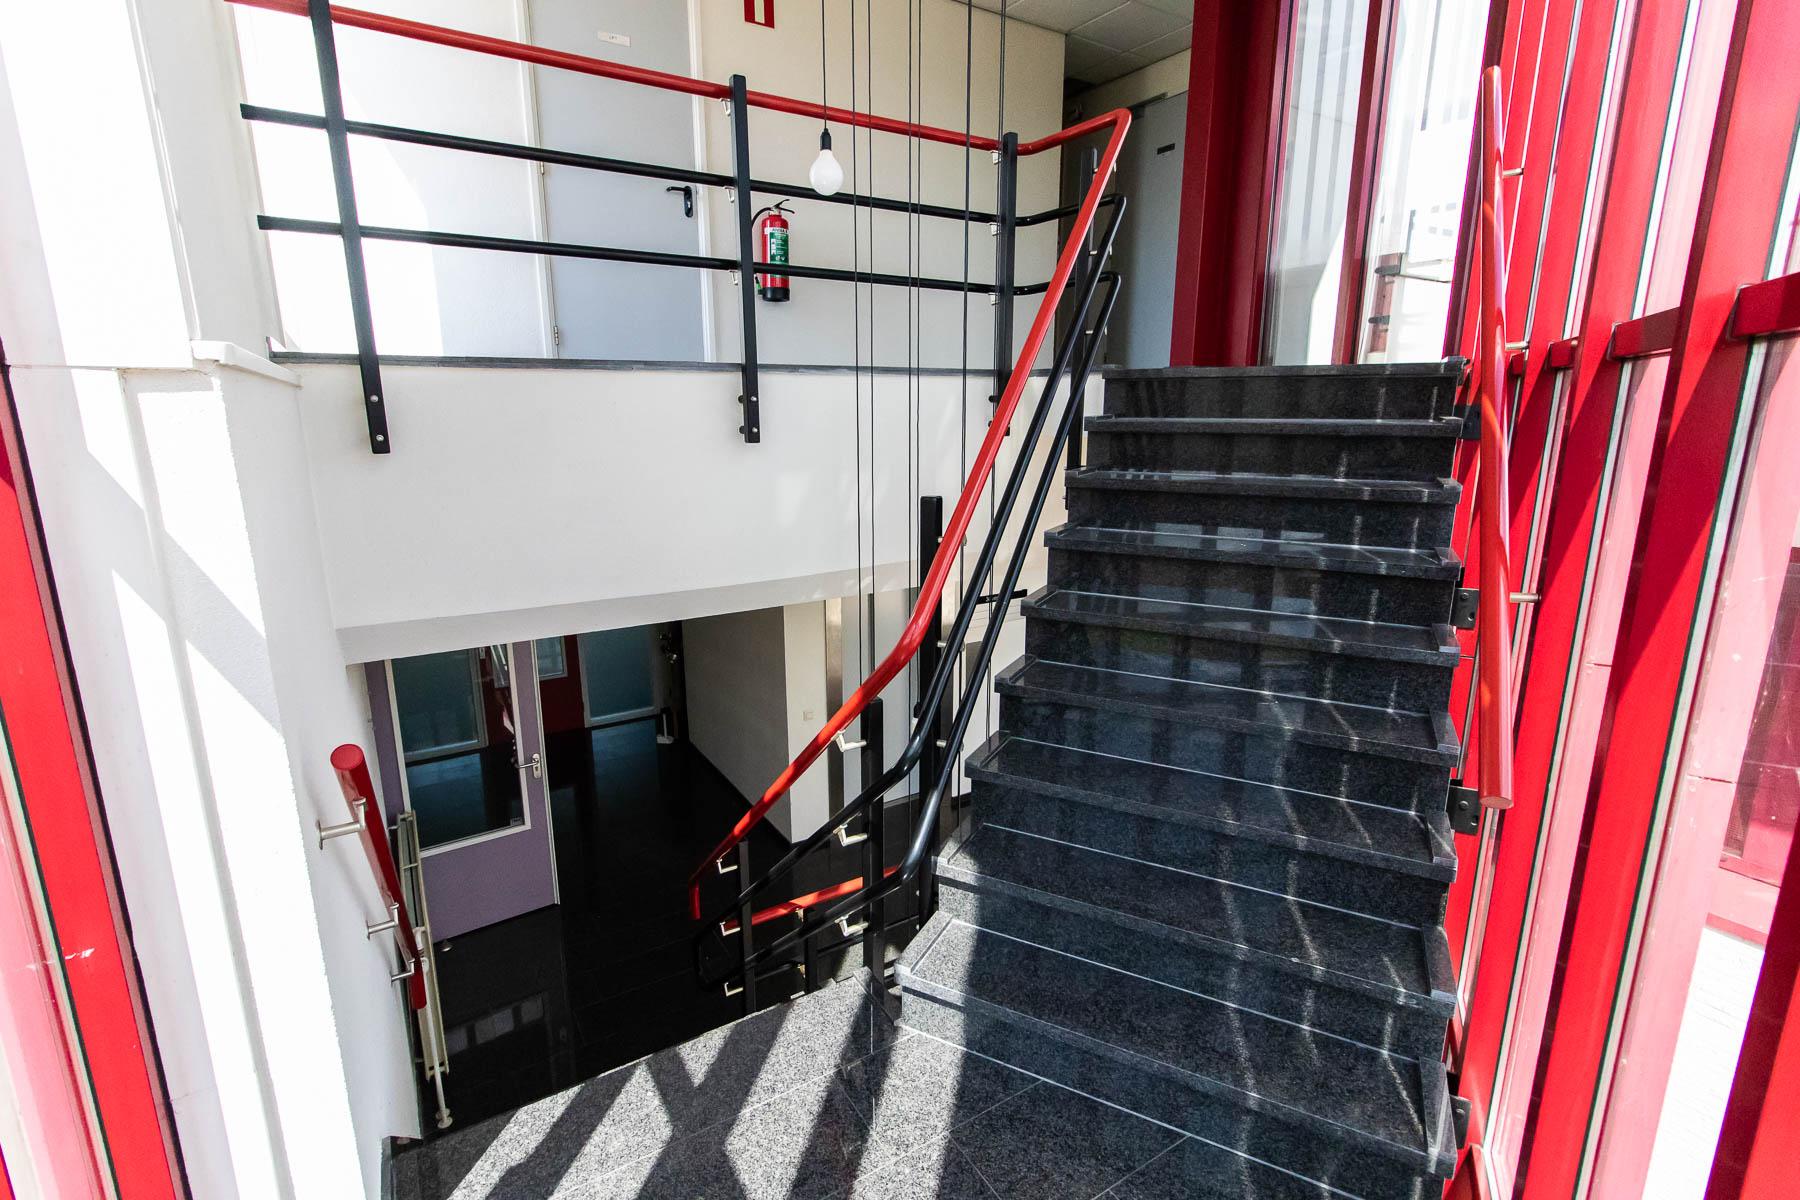 De trappen in het kantoorgebouw